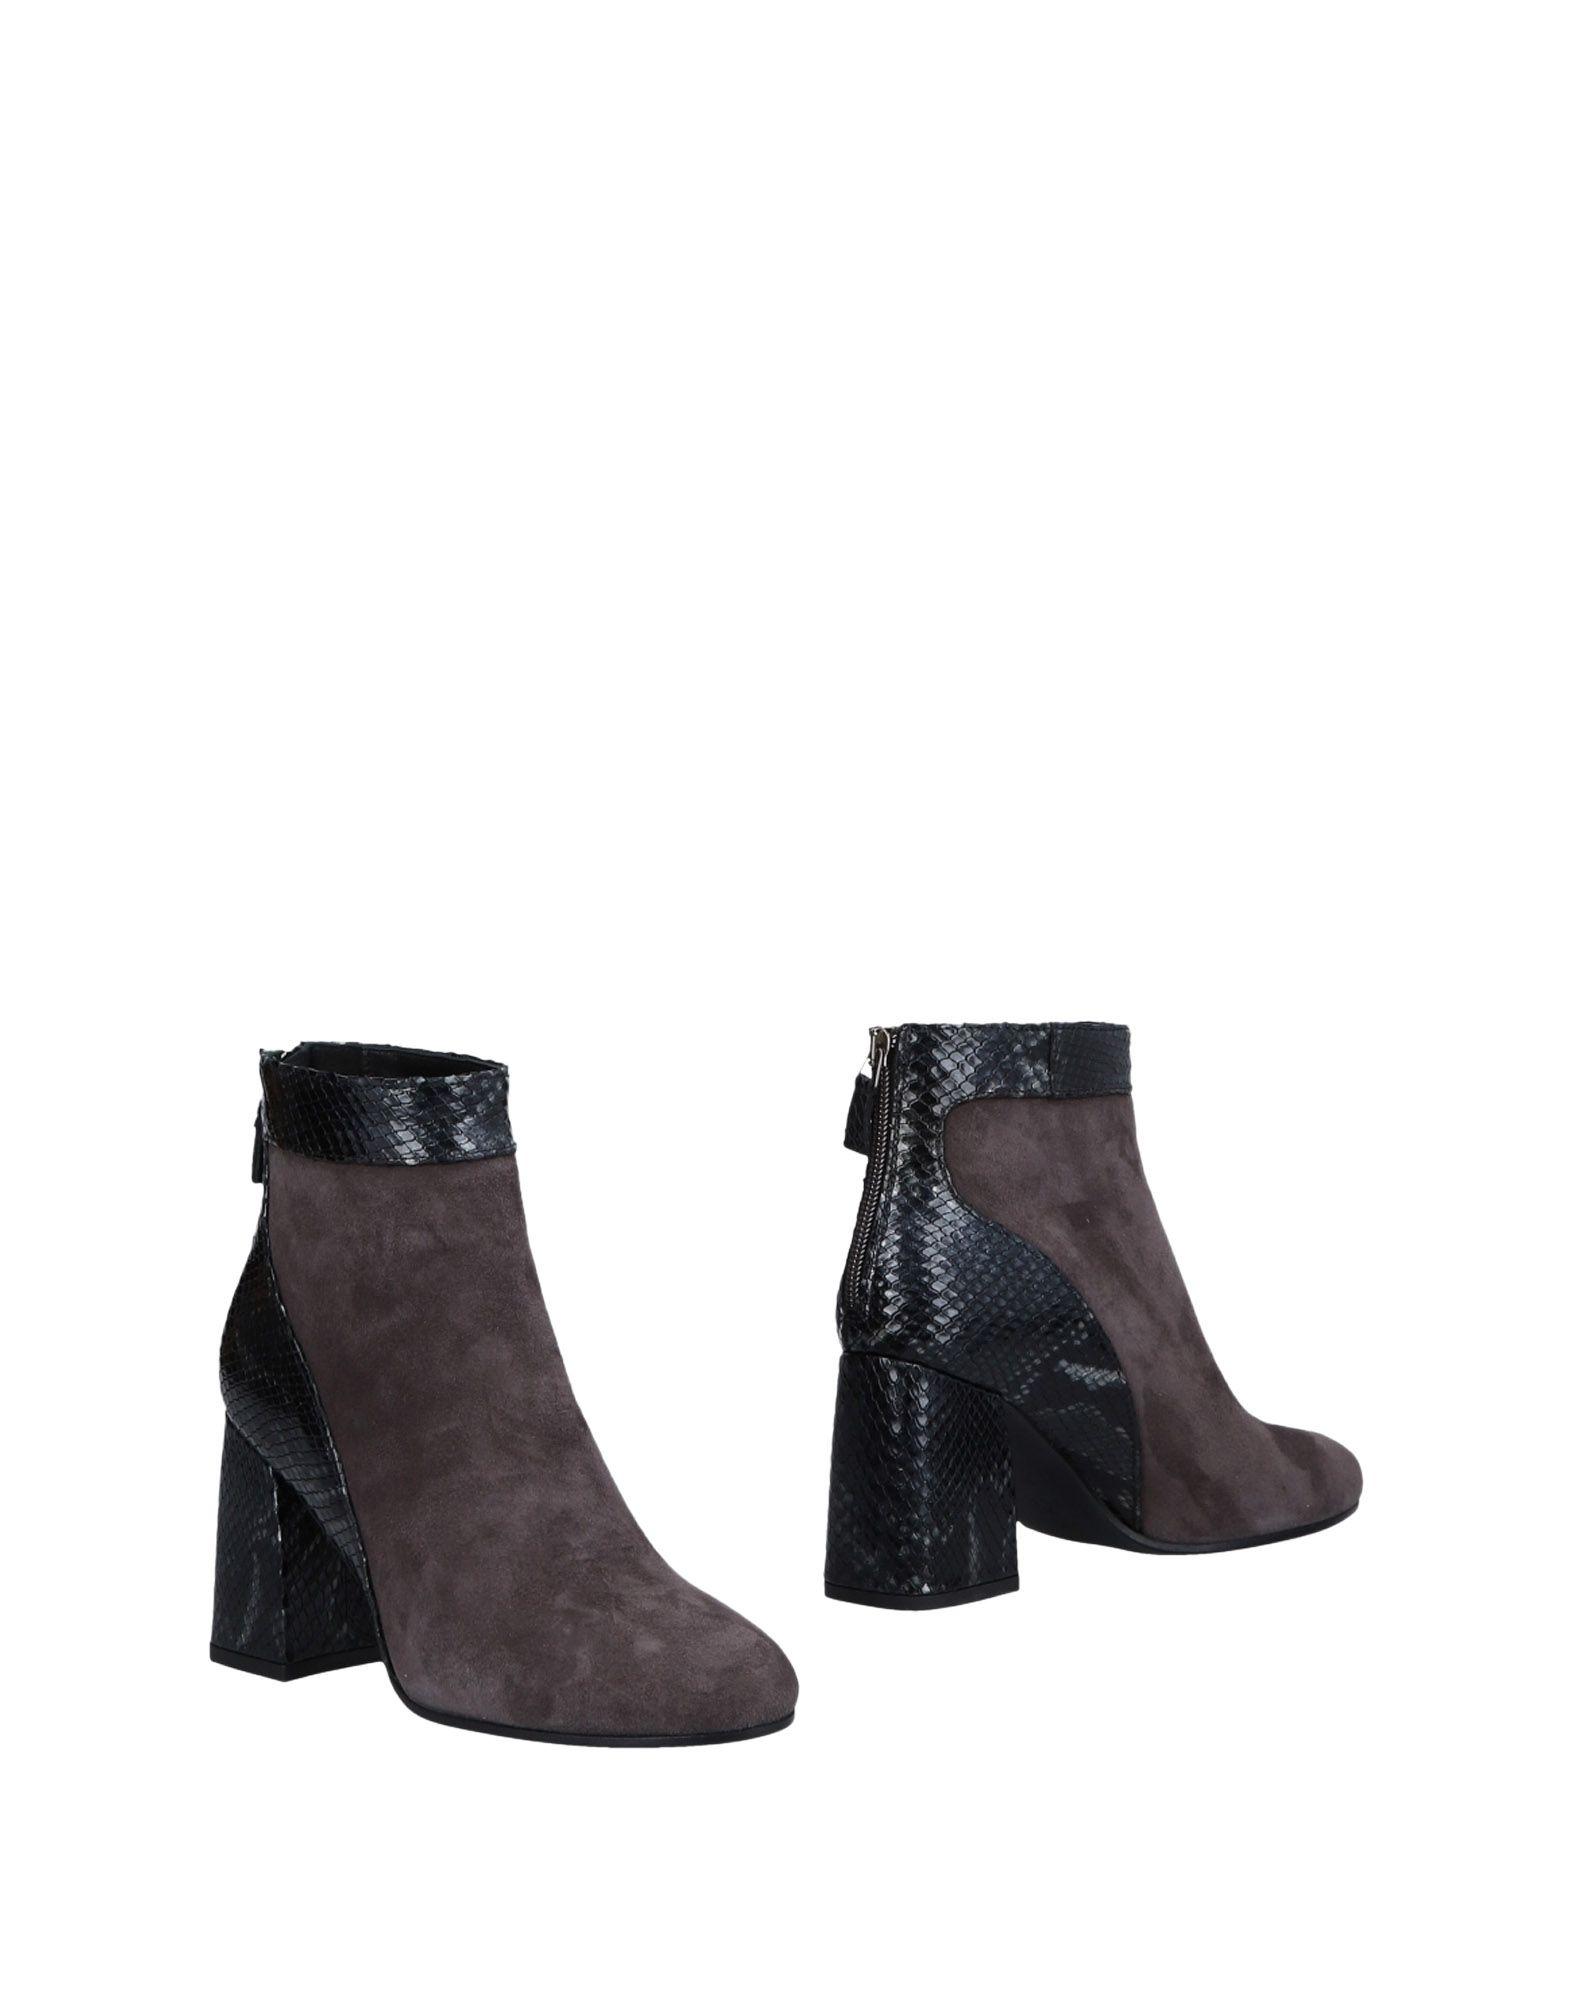 FOOTWEAR - Ankle boots Lea-Gu sZ1HpnDPMR